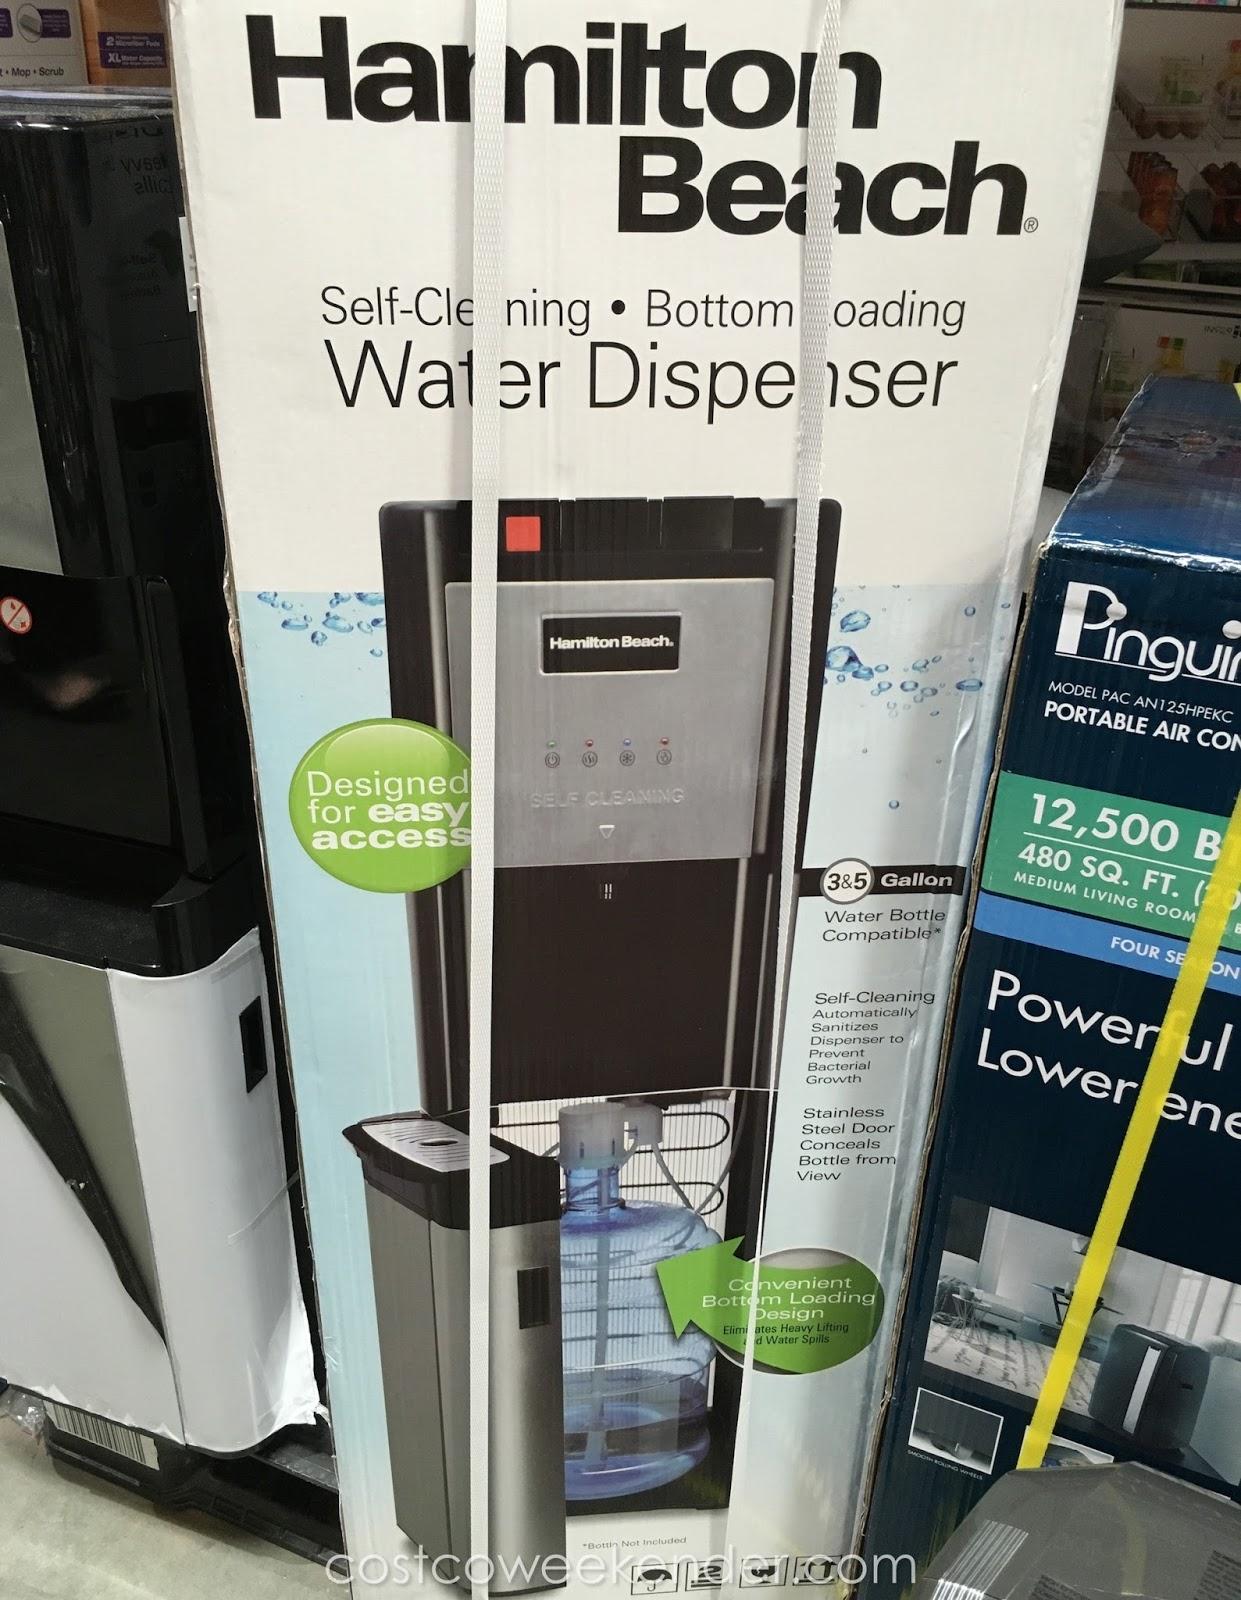 Hamilton Beach Bl 1 3 Water Dispenser